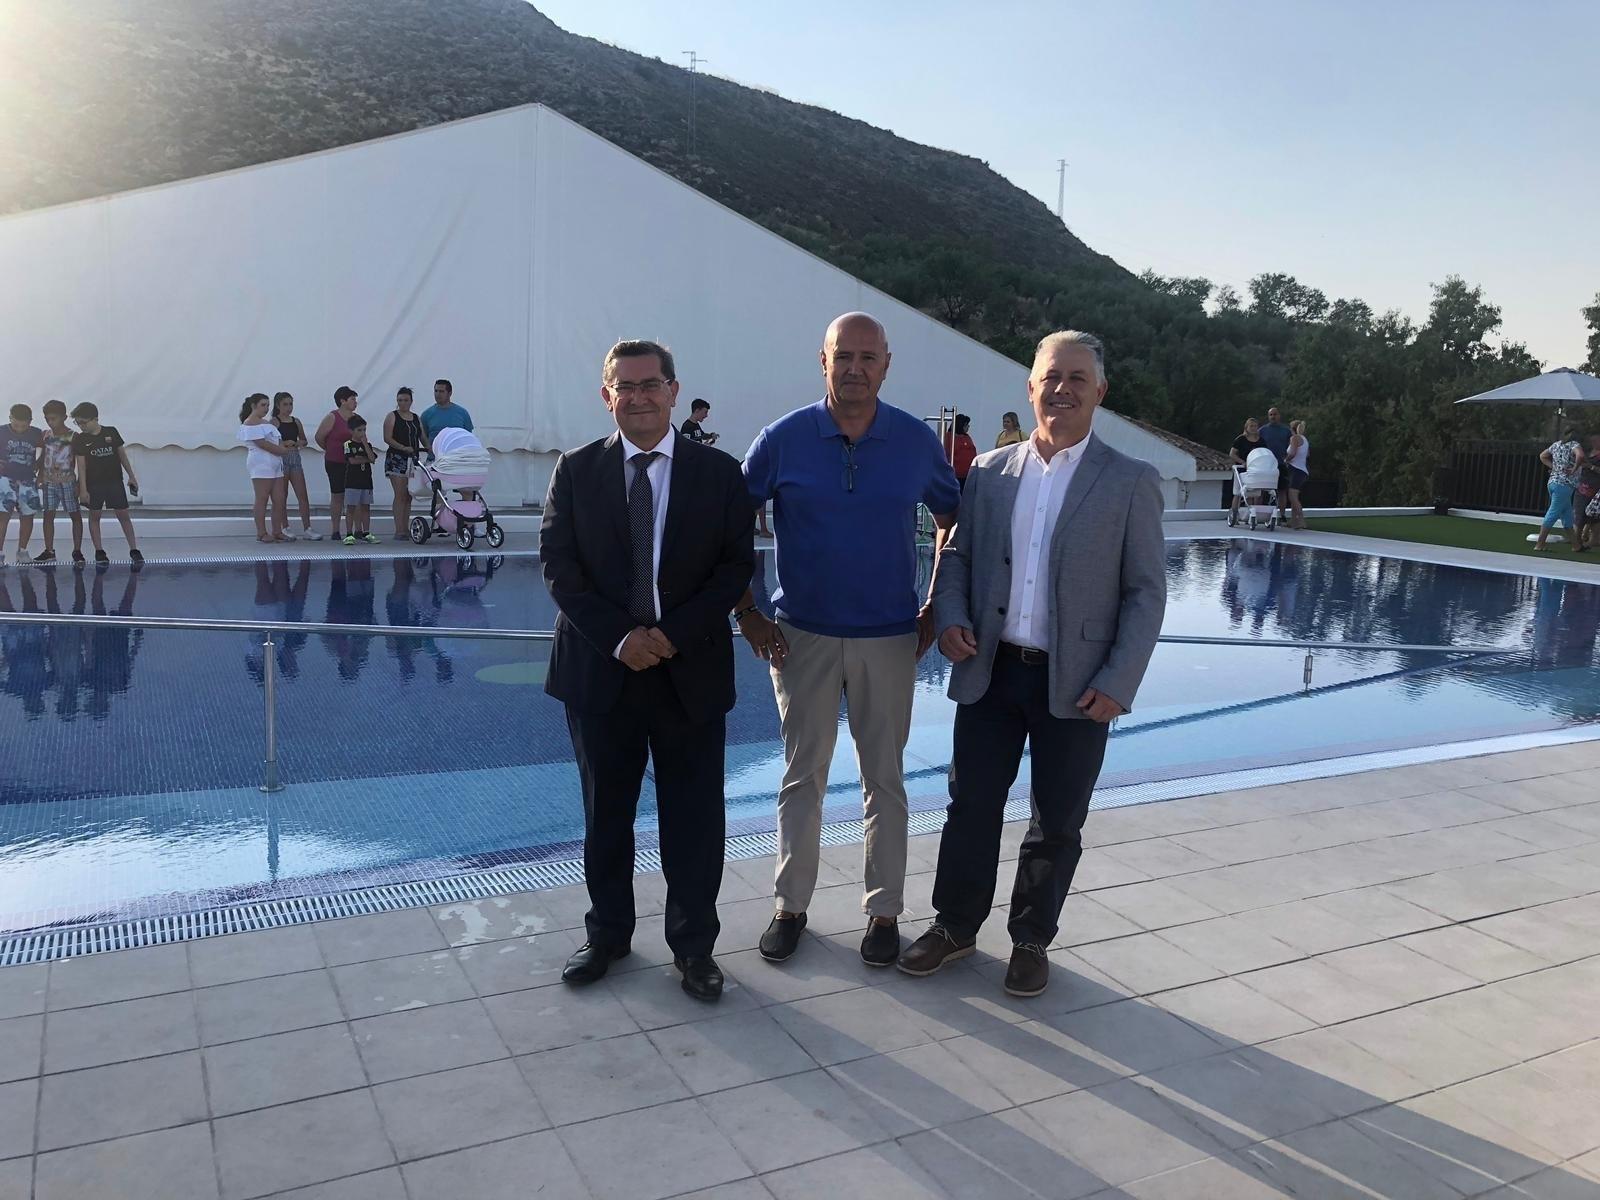 La Diputación invierte más de 220.000 euros en la reforma de la piscina municipal de Colomera